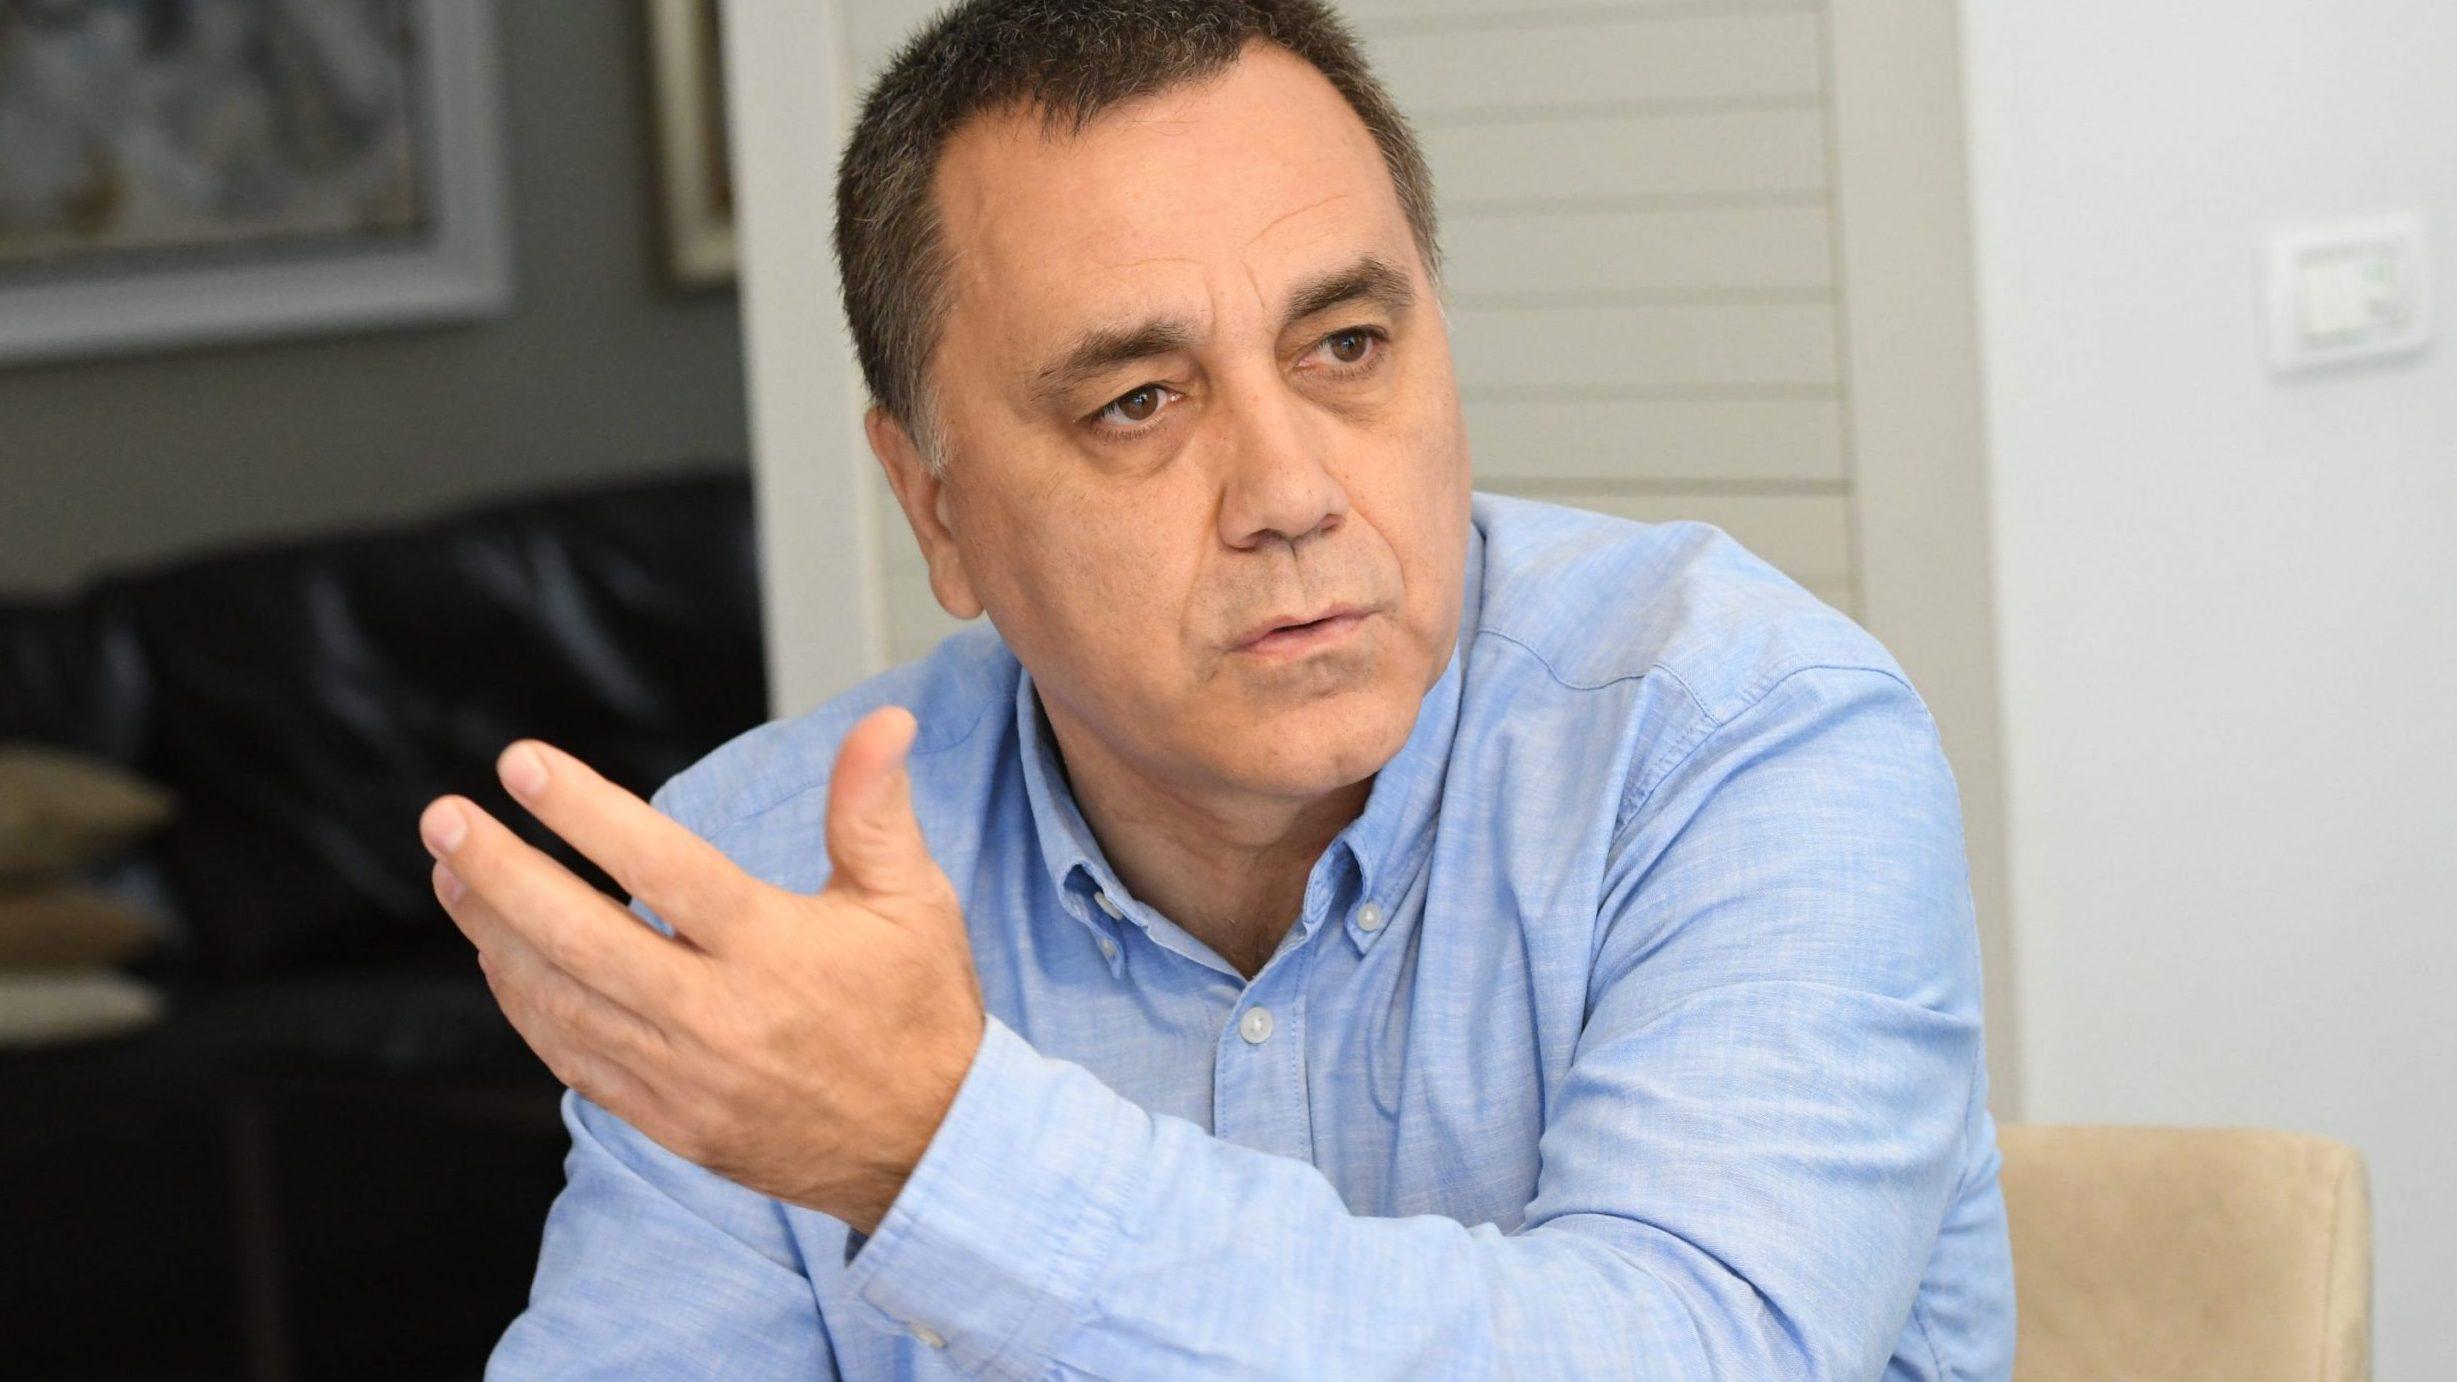 ישראל גרטי: הלקוחות לא מעוניינים לשמוע את המידע שחוזר הצירוף מחייב למסור להם